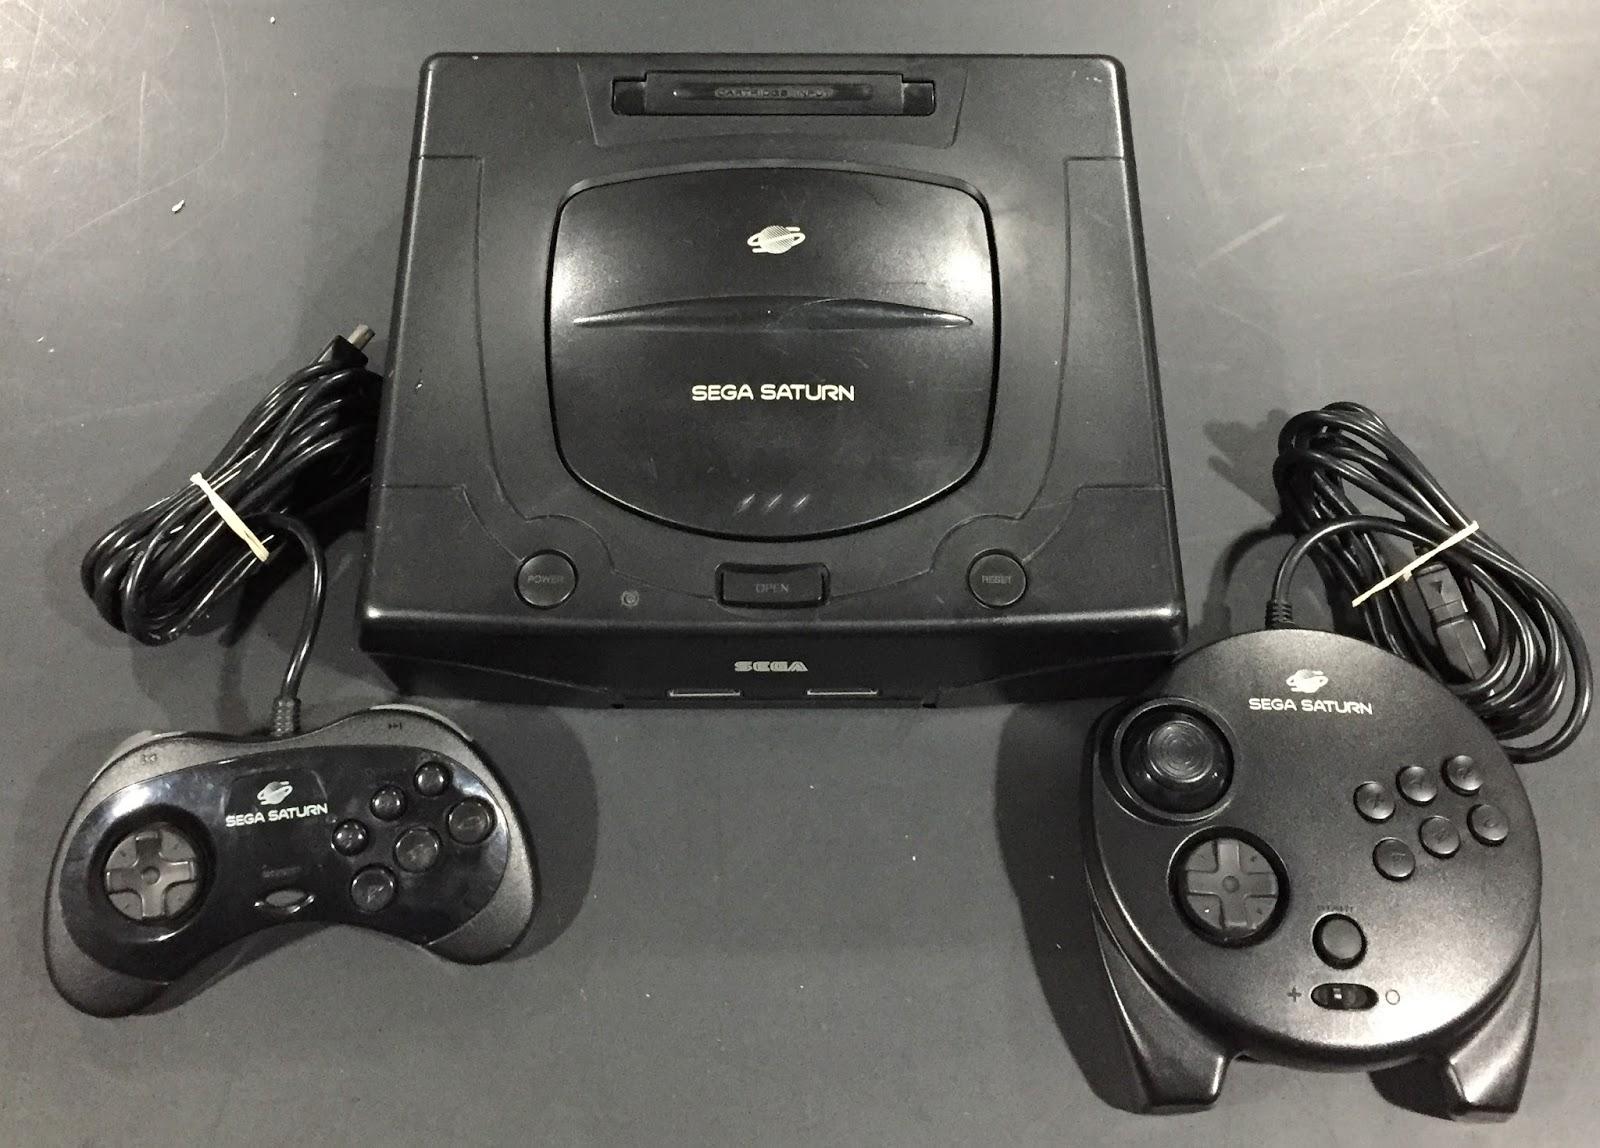 Retro Gamer Randomness: Sega Saturn Variants